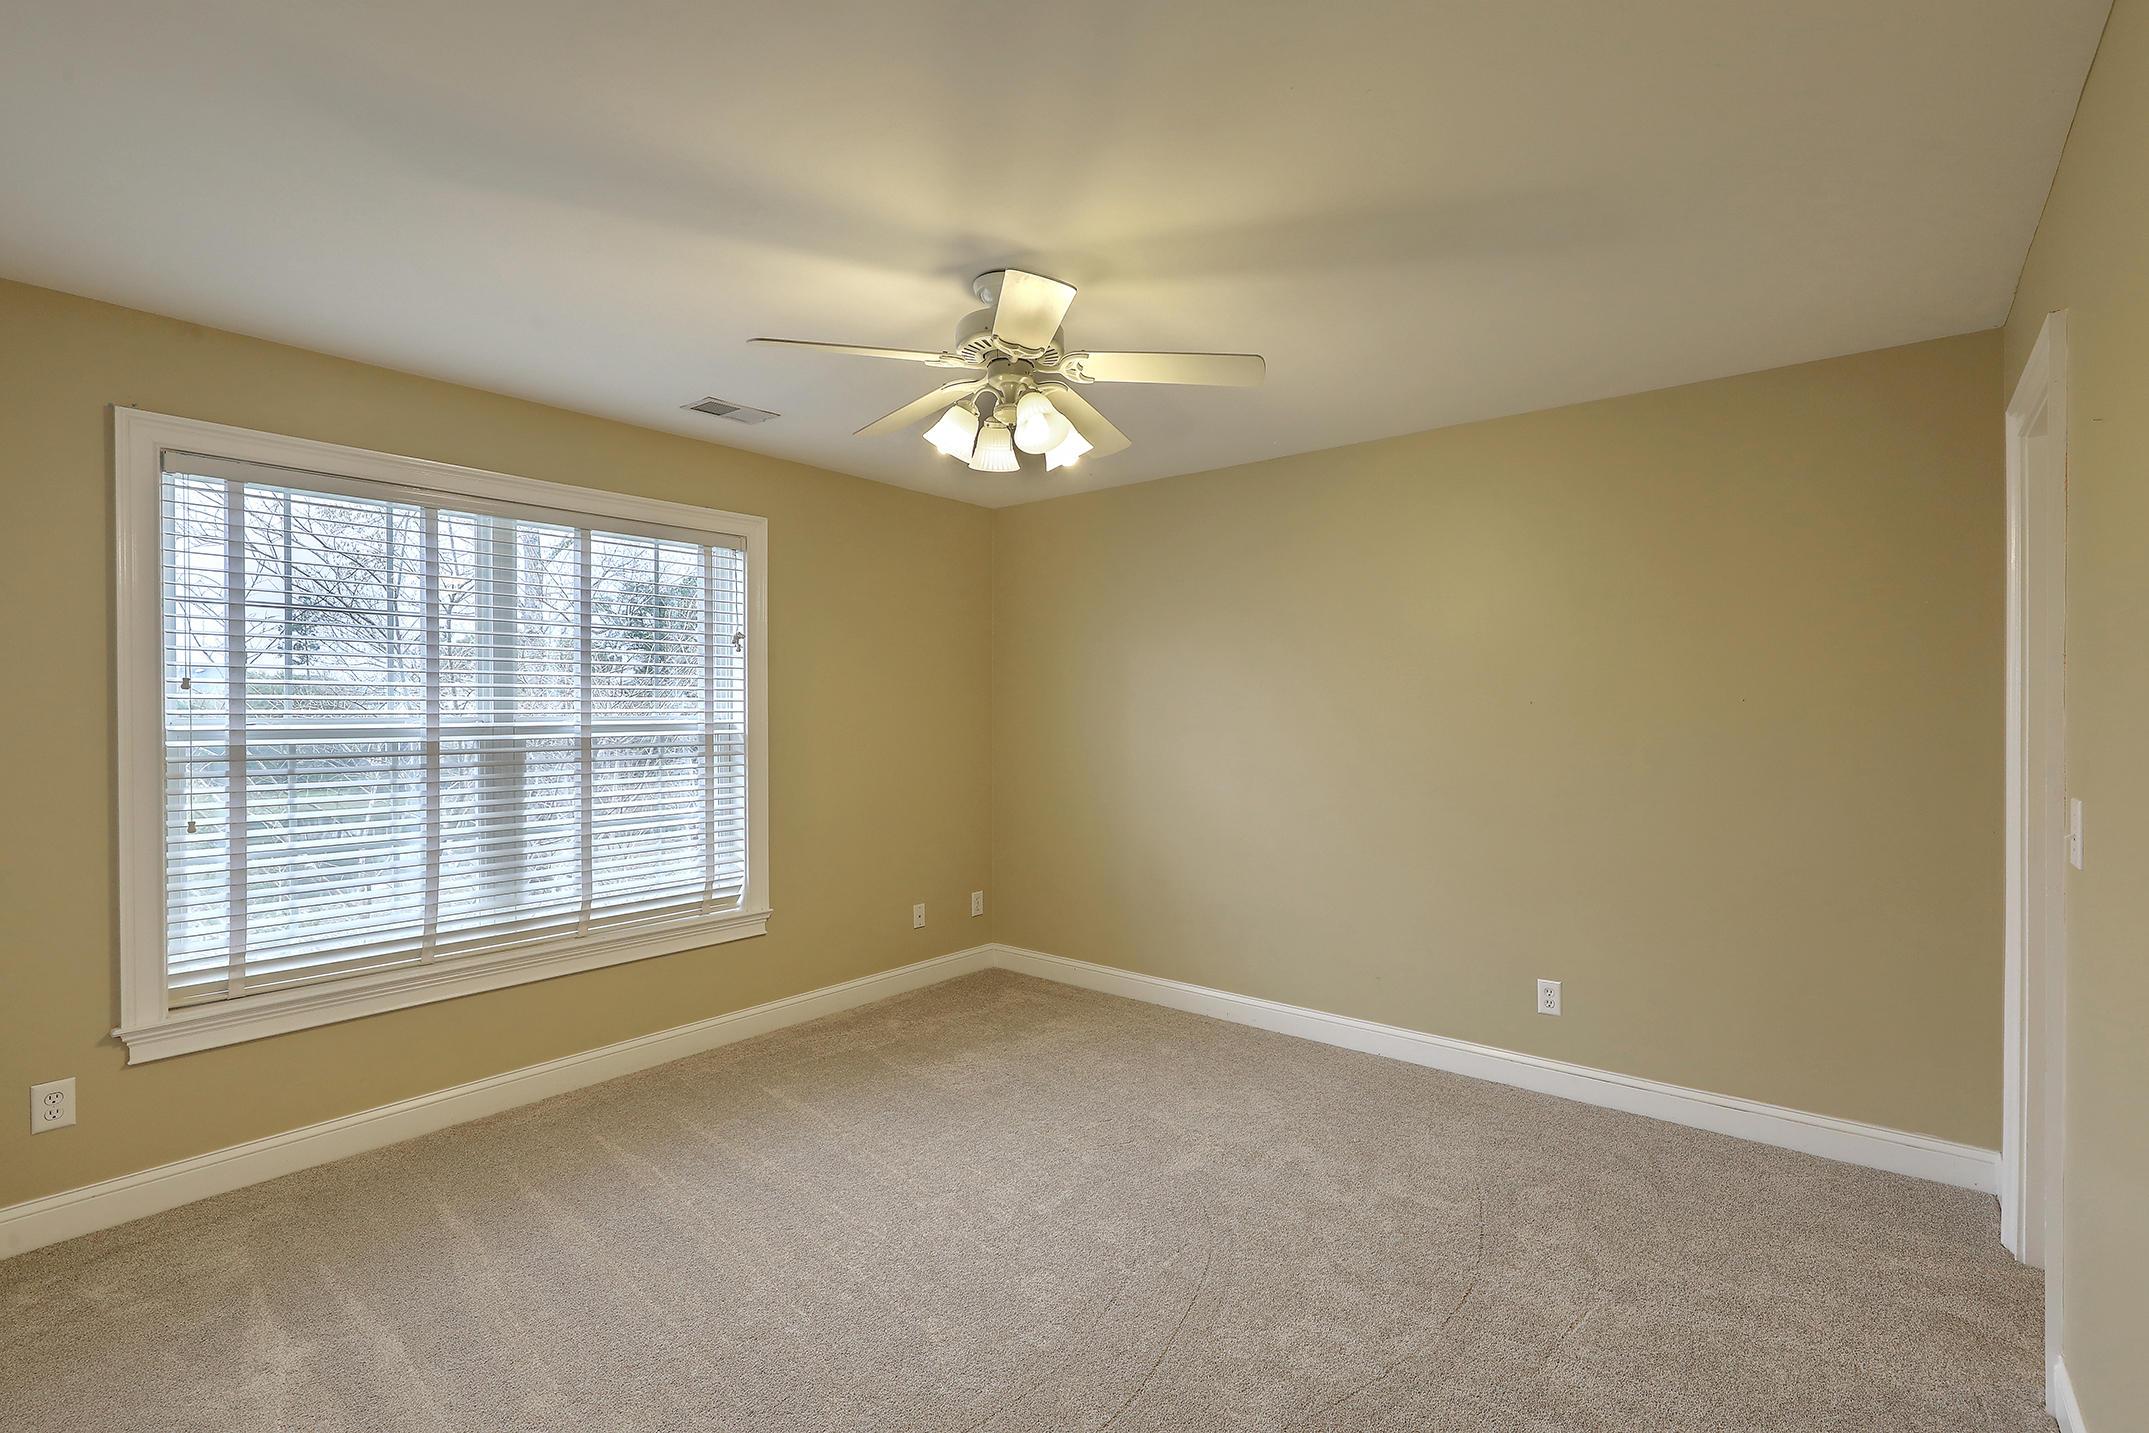 Dunes West Homes For Sale - 2817 Oak Manor, Mount Pleasant, SC - 42